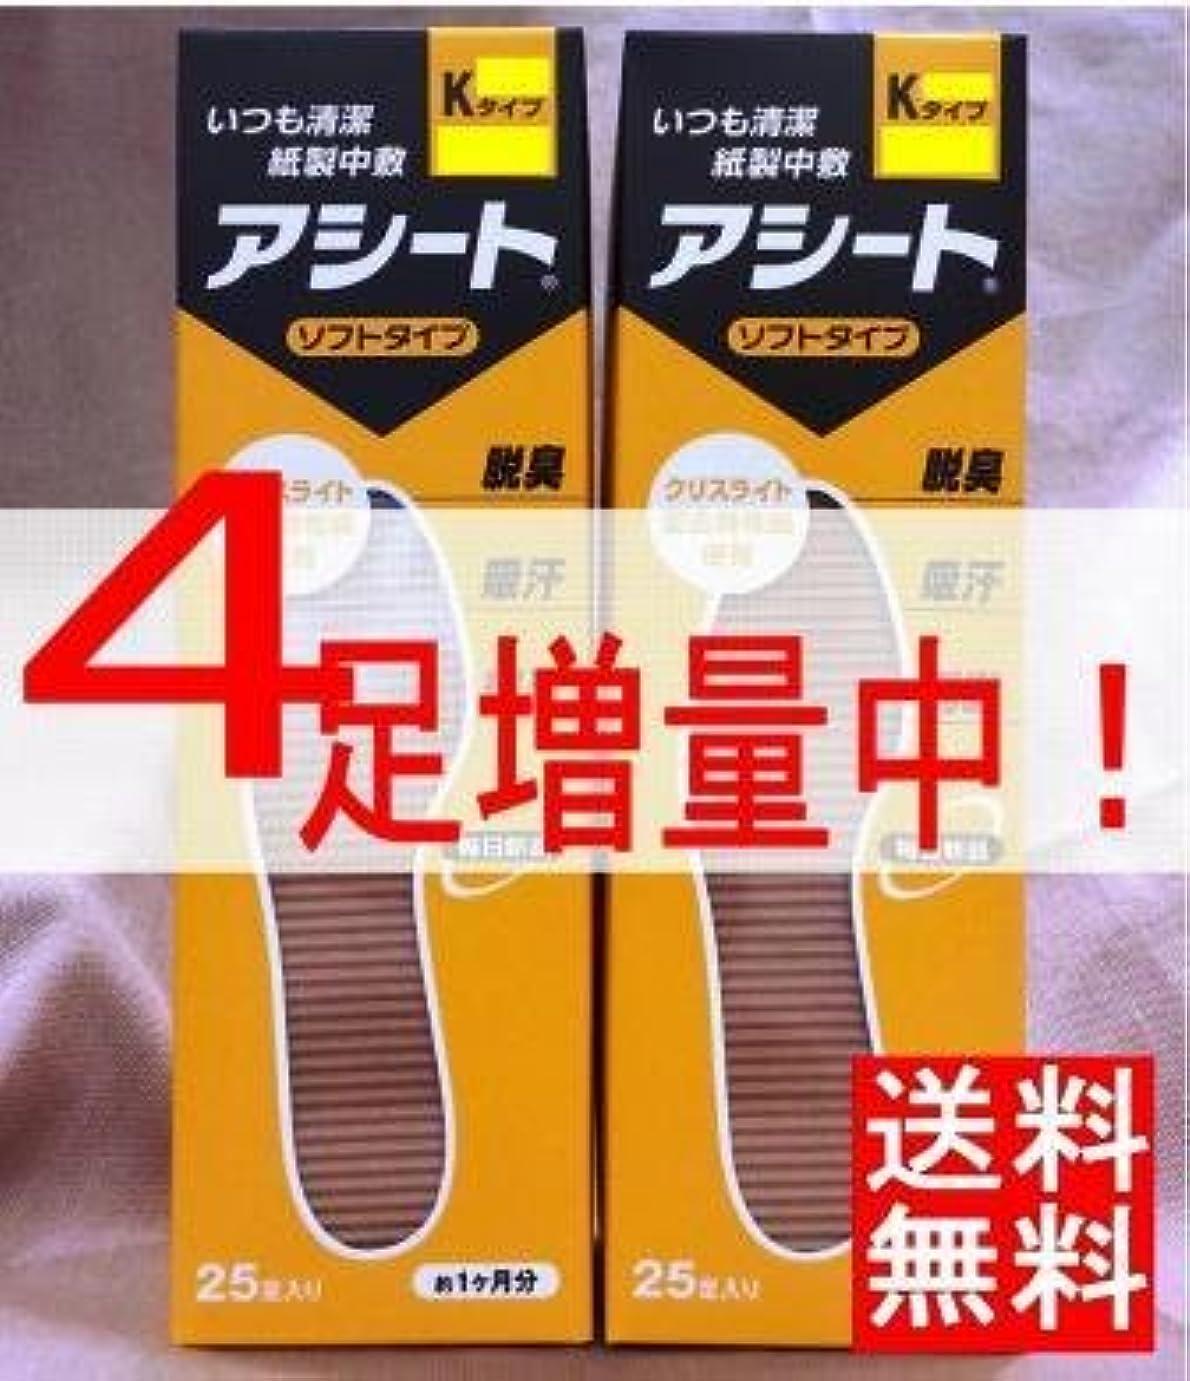 愛撫幻滅するしつけアシートK(サイズ24cm)×2箱セット(4足増量中)